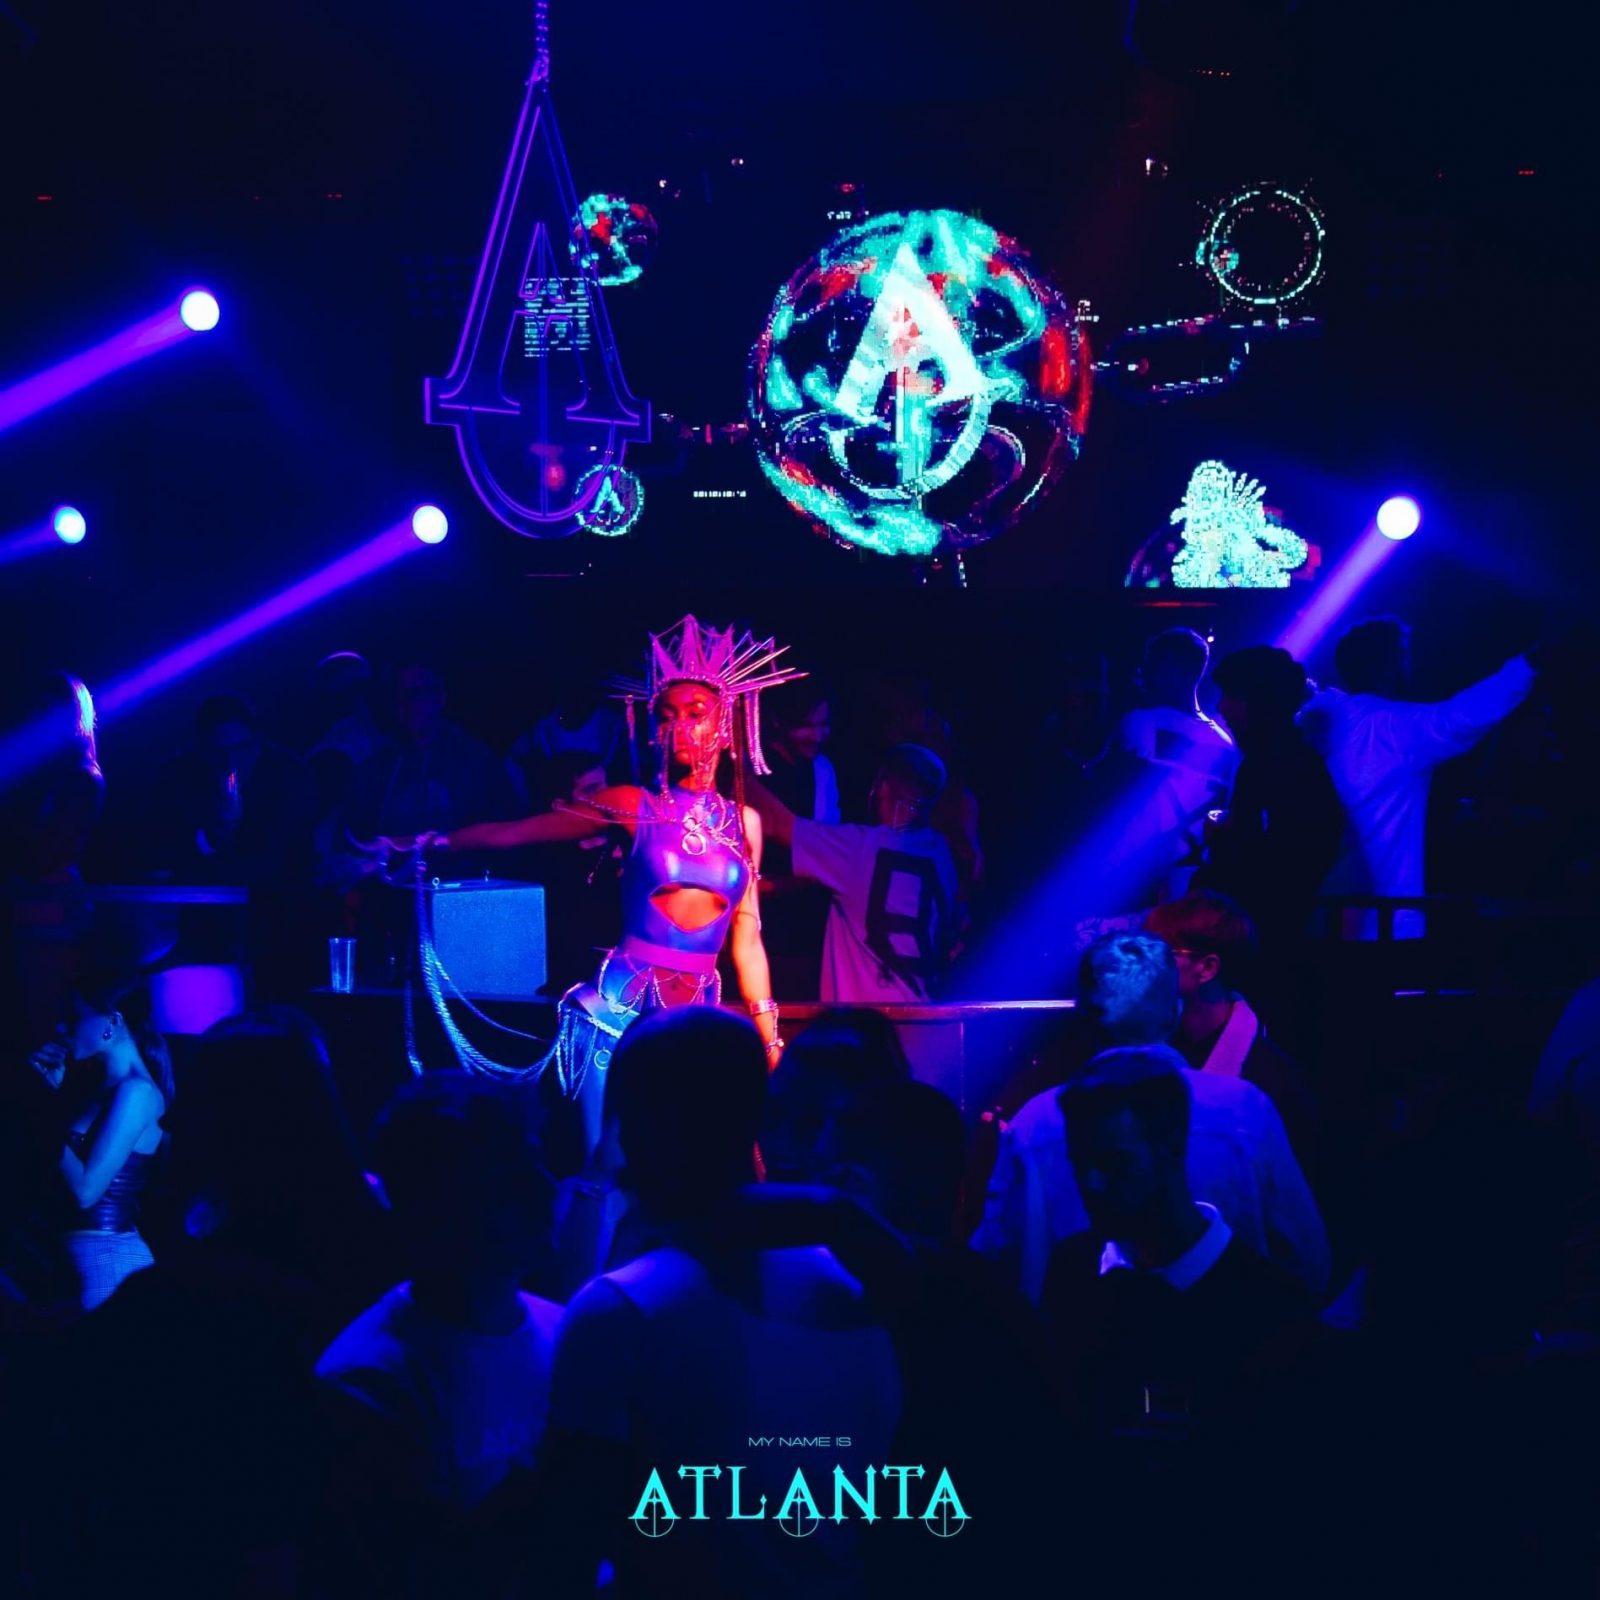 ATLANTA - Virgo Music Mgmt